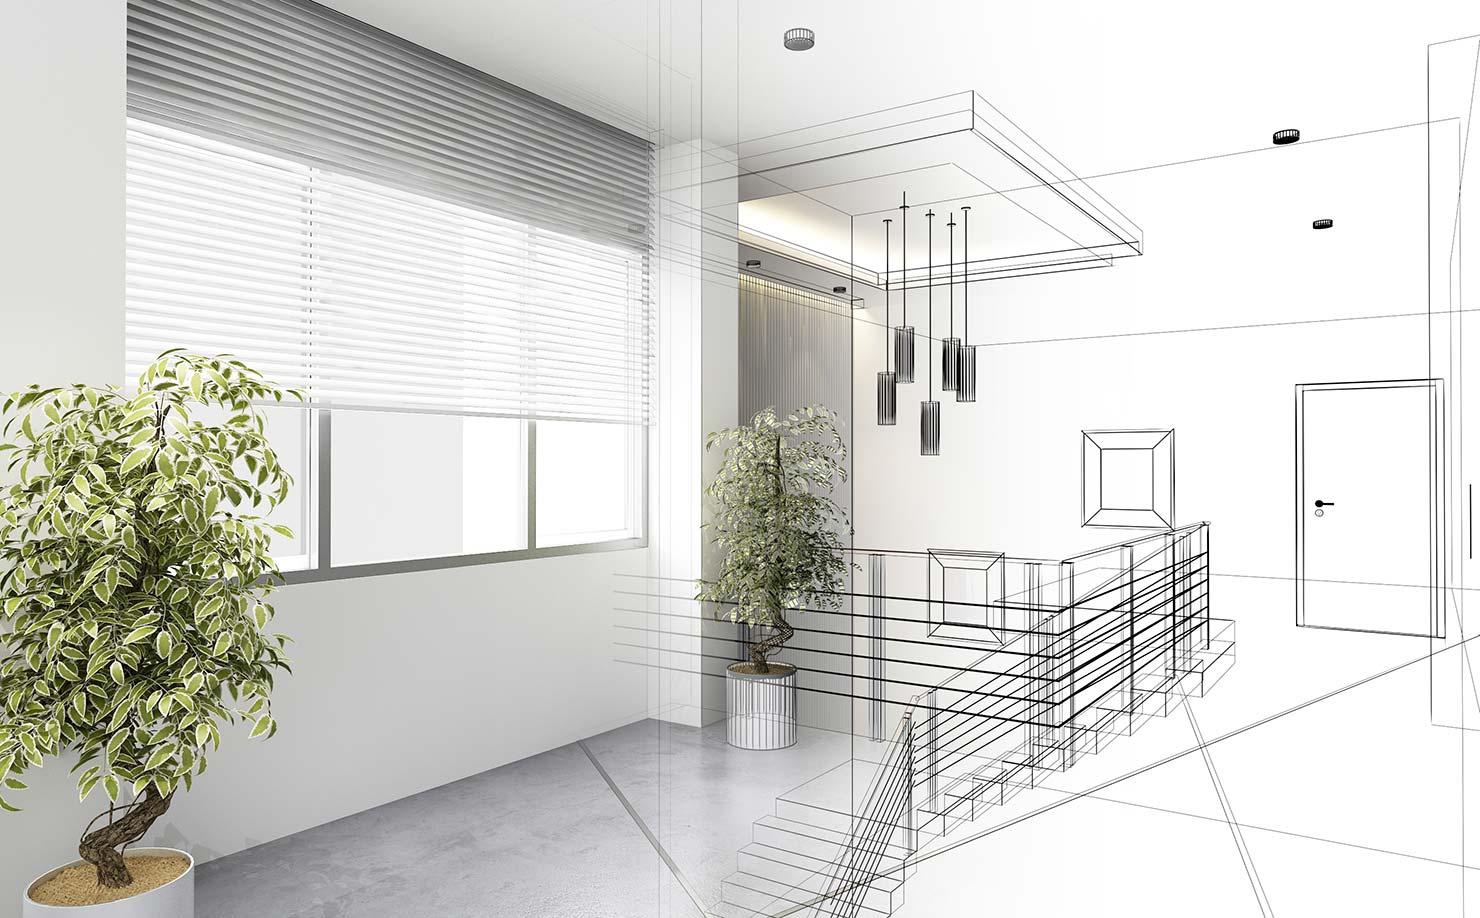 Rehabilitación de edificios e instalación de ascensores en Albacete | Proyecons